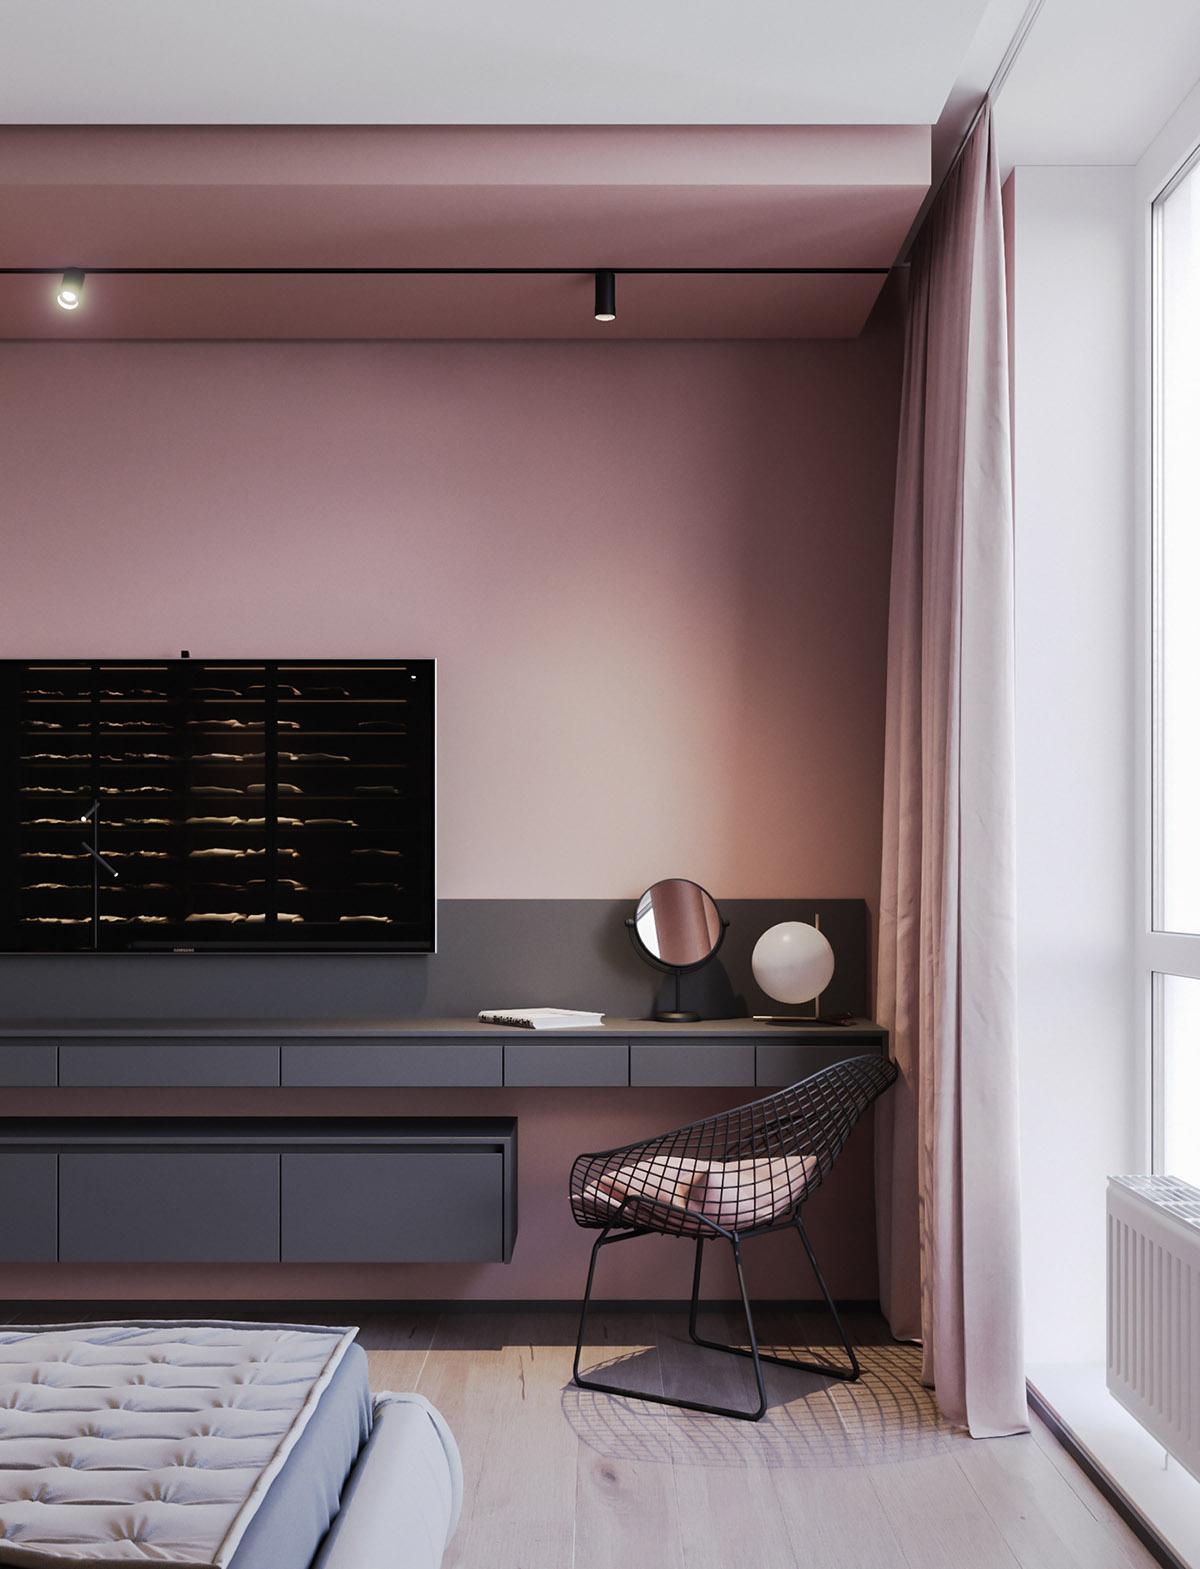 Một số thiết kế nội thất sử dụng màu hồng và xám - vanity chair